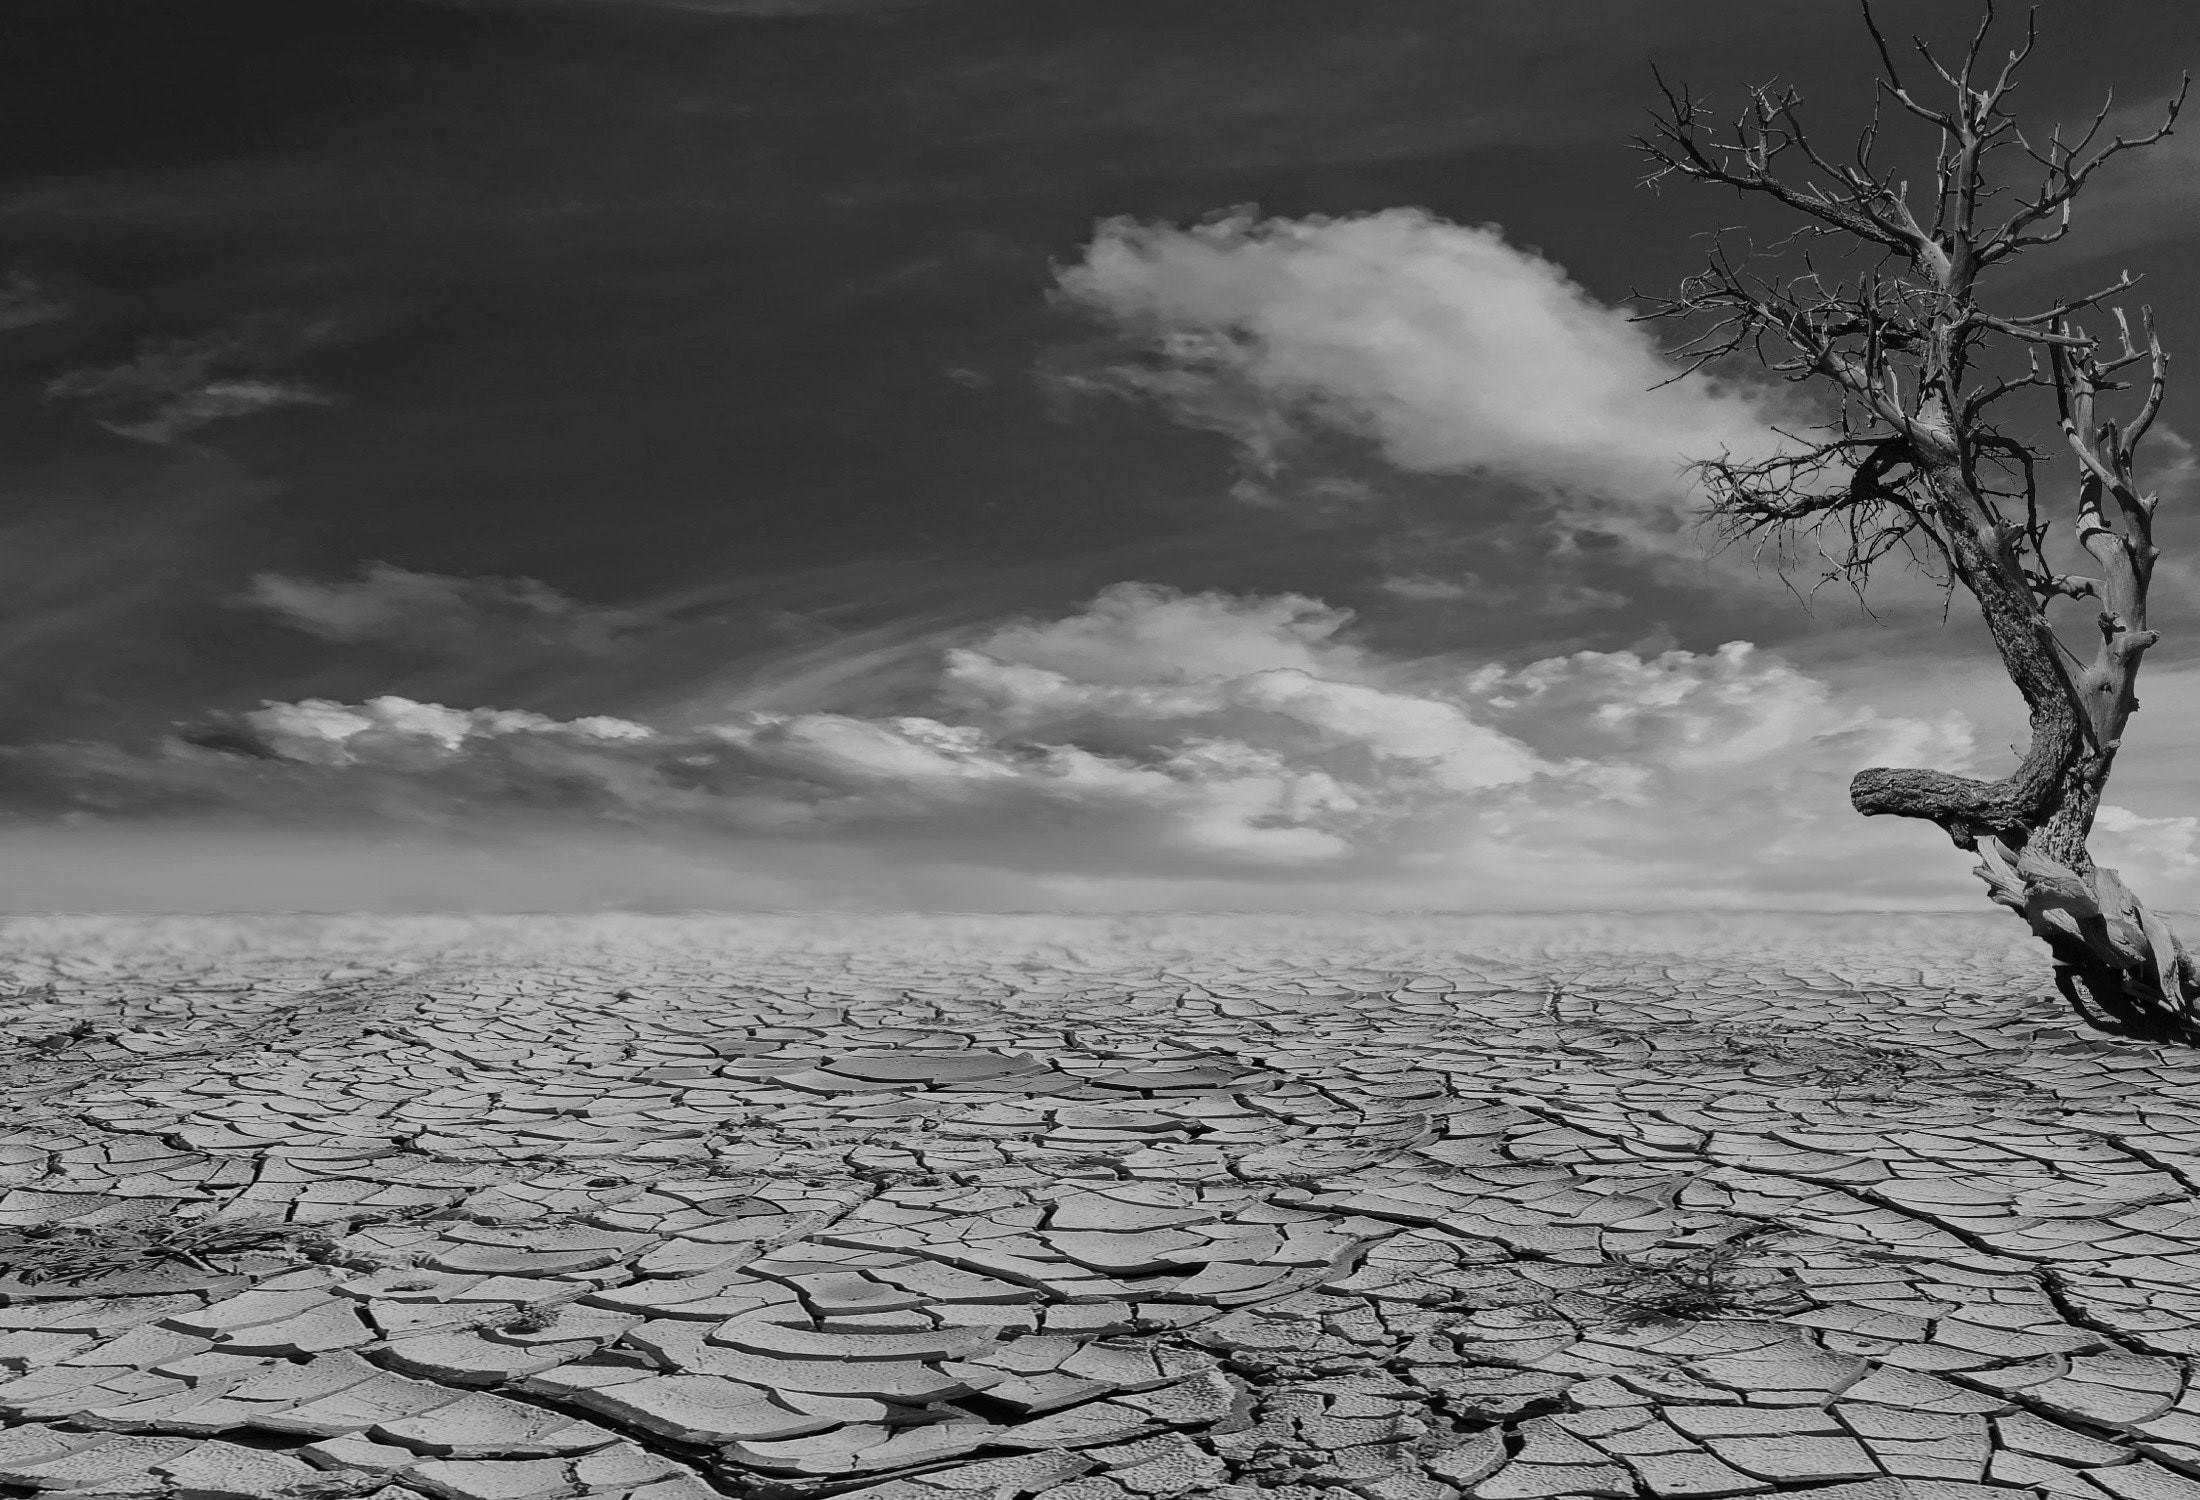 Casa África centra el tema de su Premio de Ensayo en el cambio climático